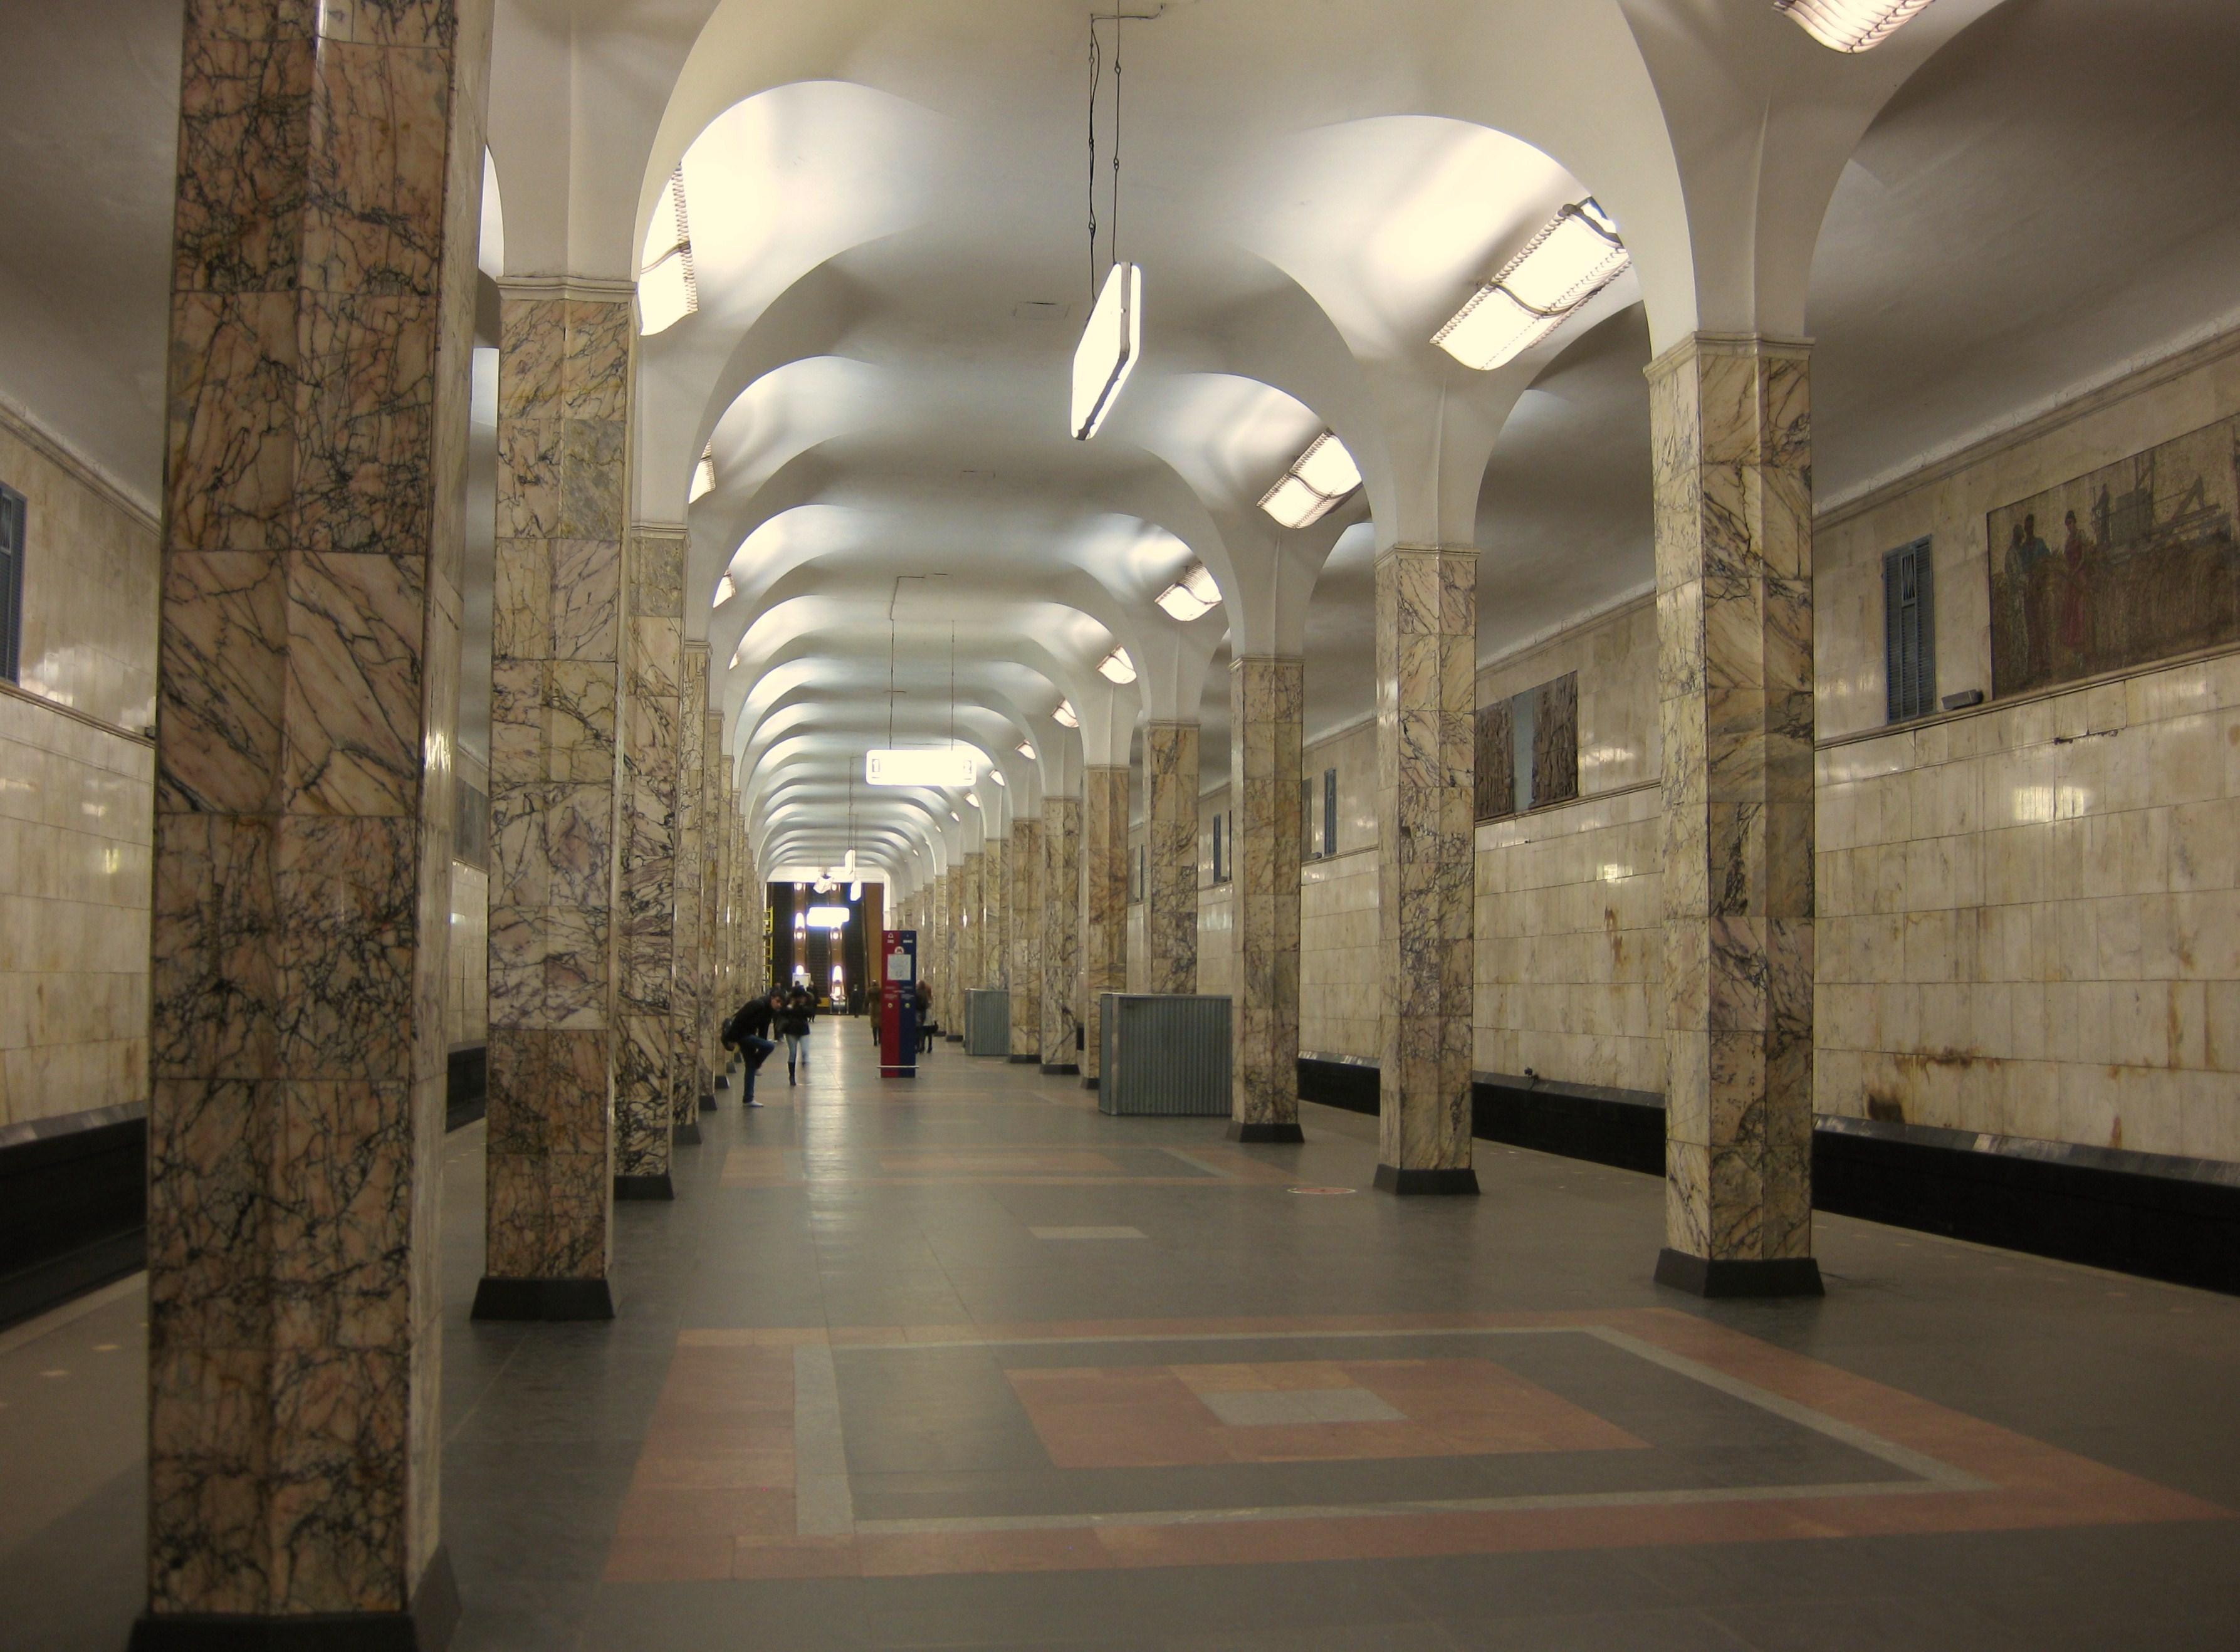 Проститутки минет без презерватива 2000 рублей метро автозаводская 12 фотография